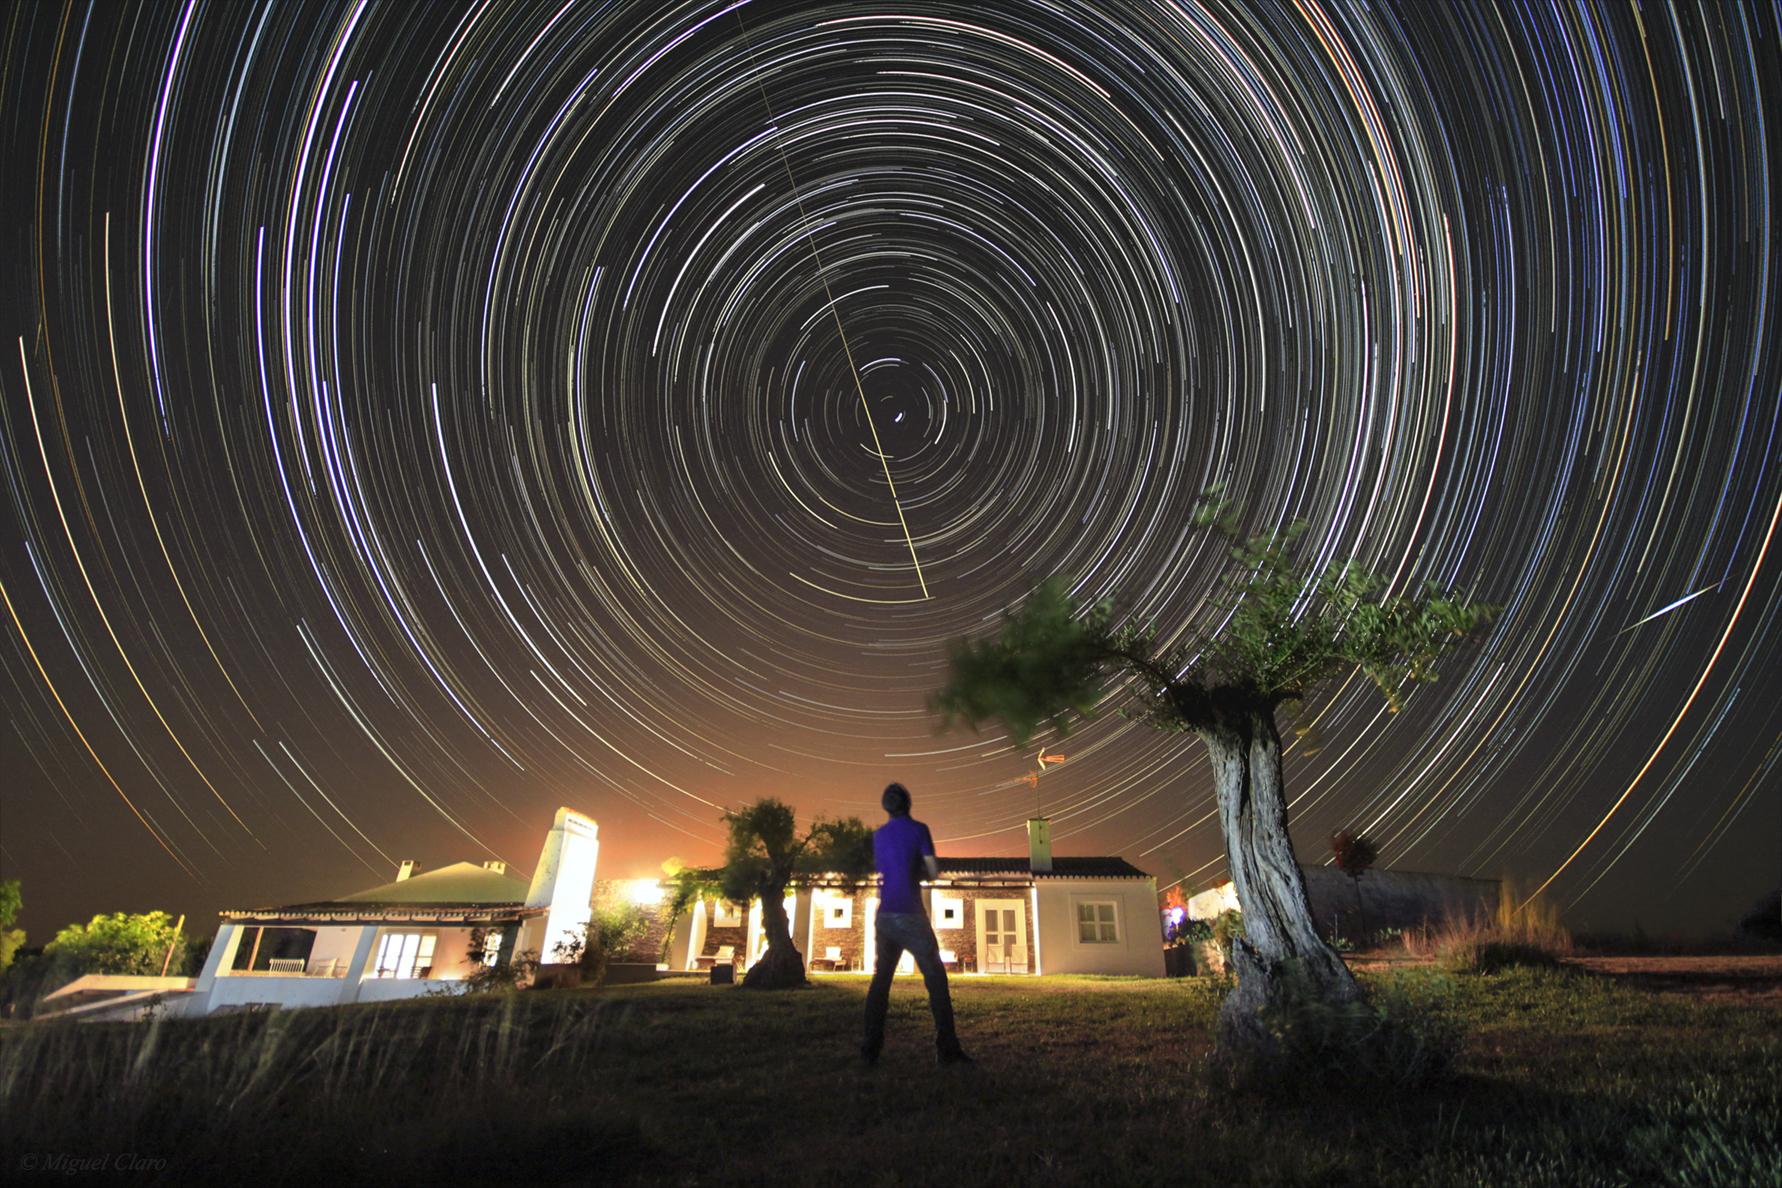 <h5>Finding Polaris Star in Falperras Hill</h5>